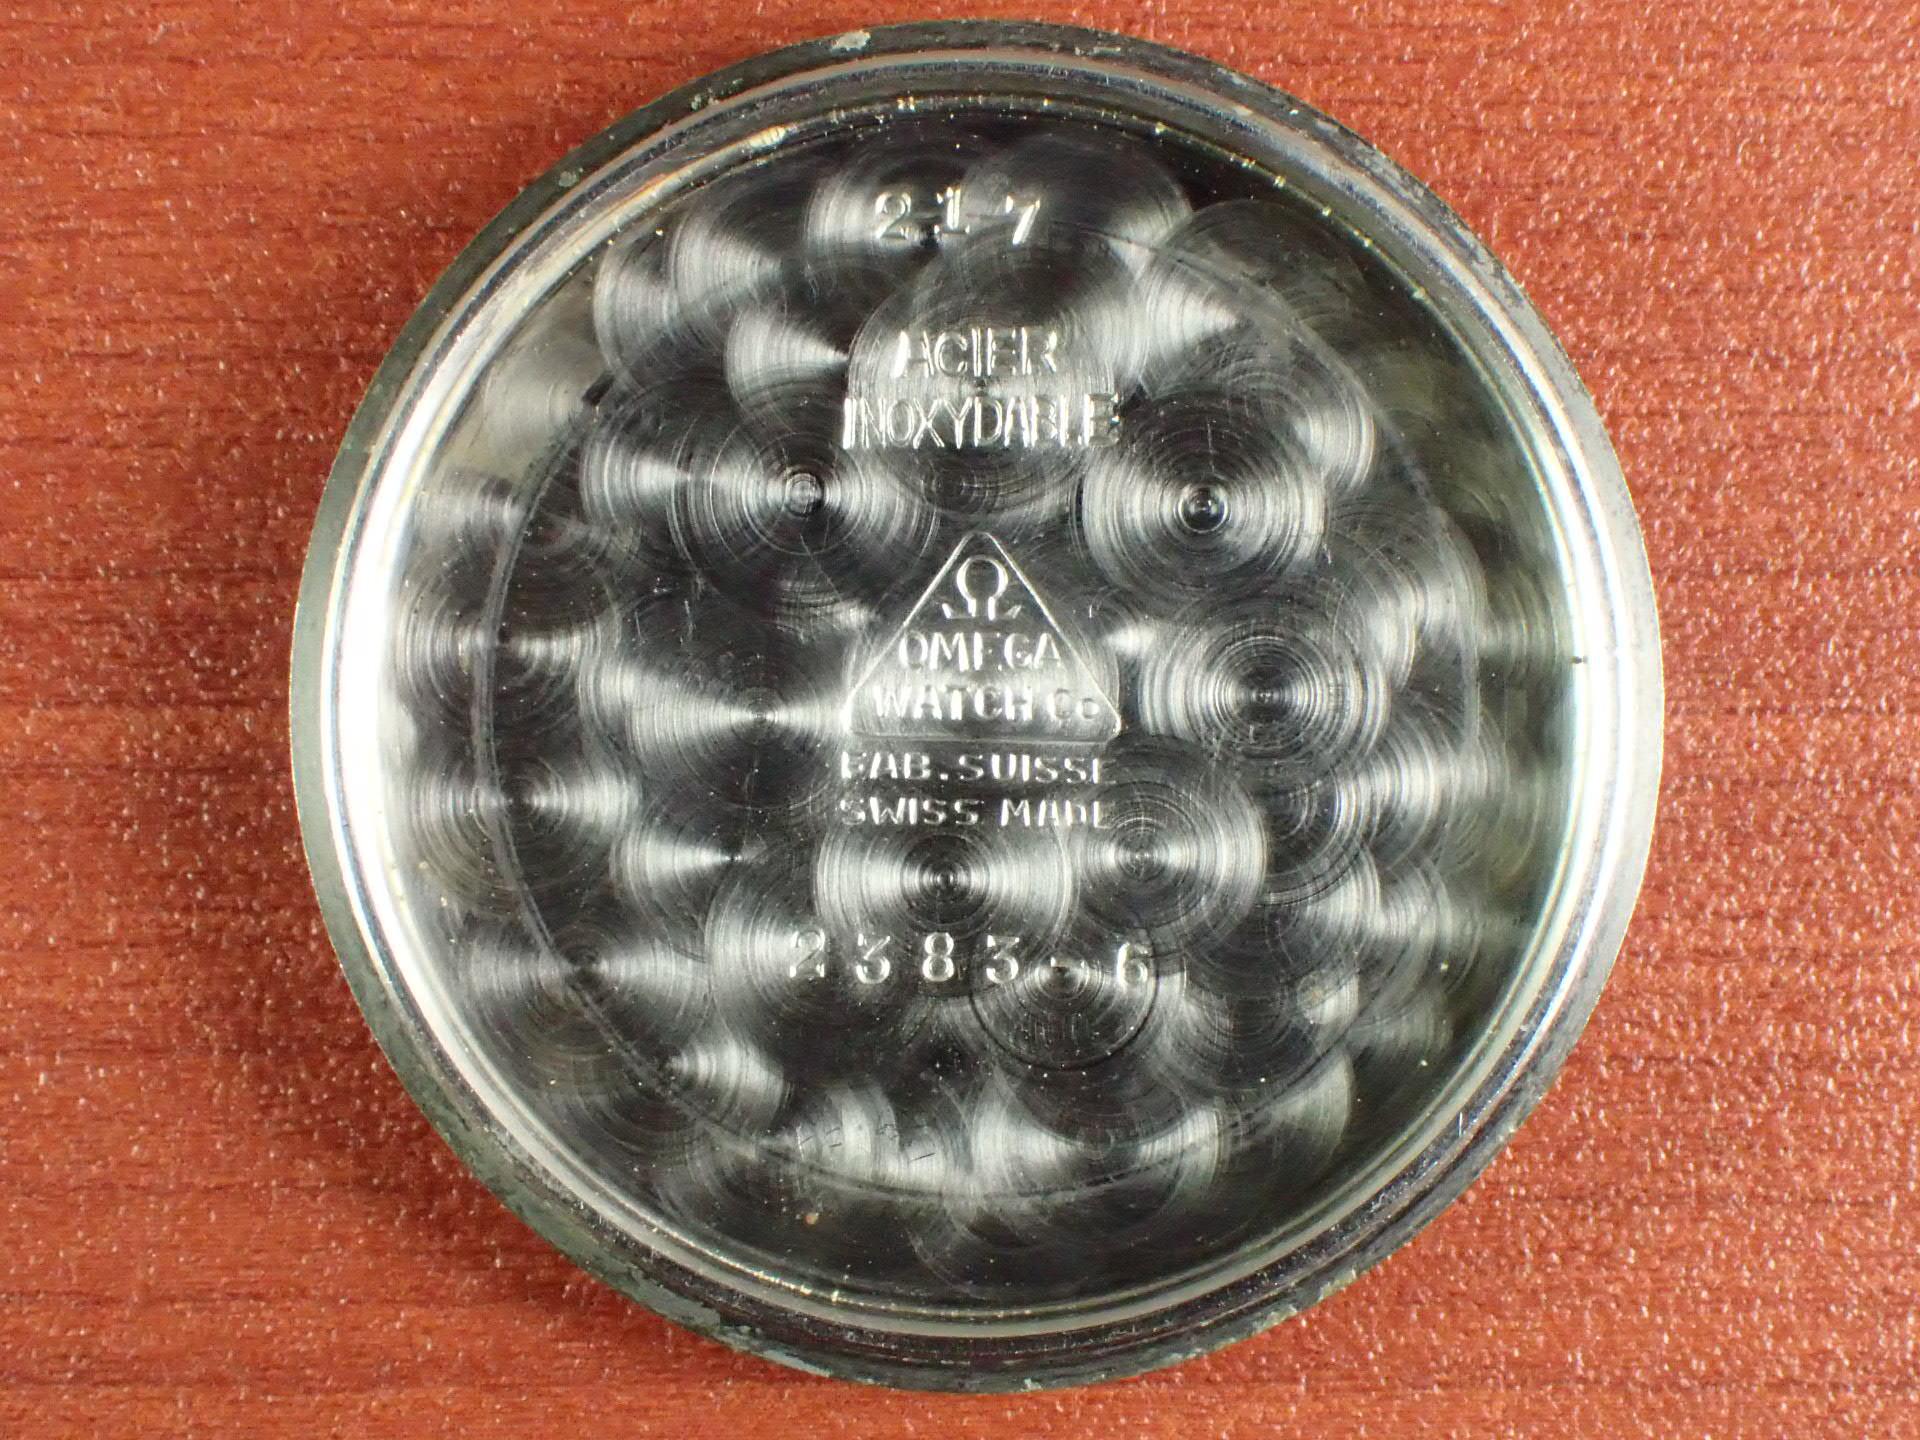 オメガ 30mmキャリバー ブルズアイ Ref.2383-6 1940年代の写真6枚目